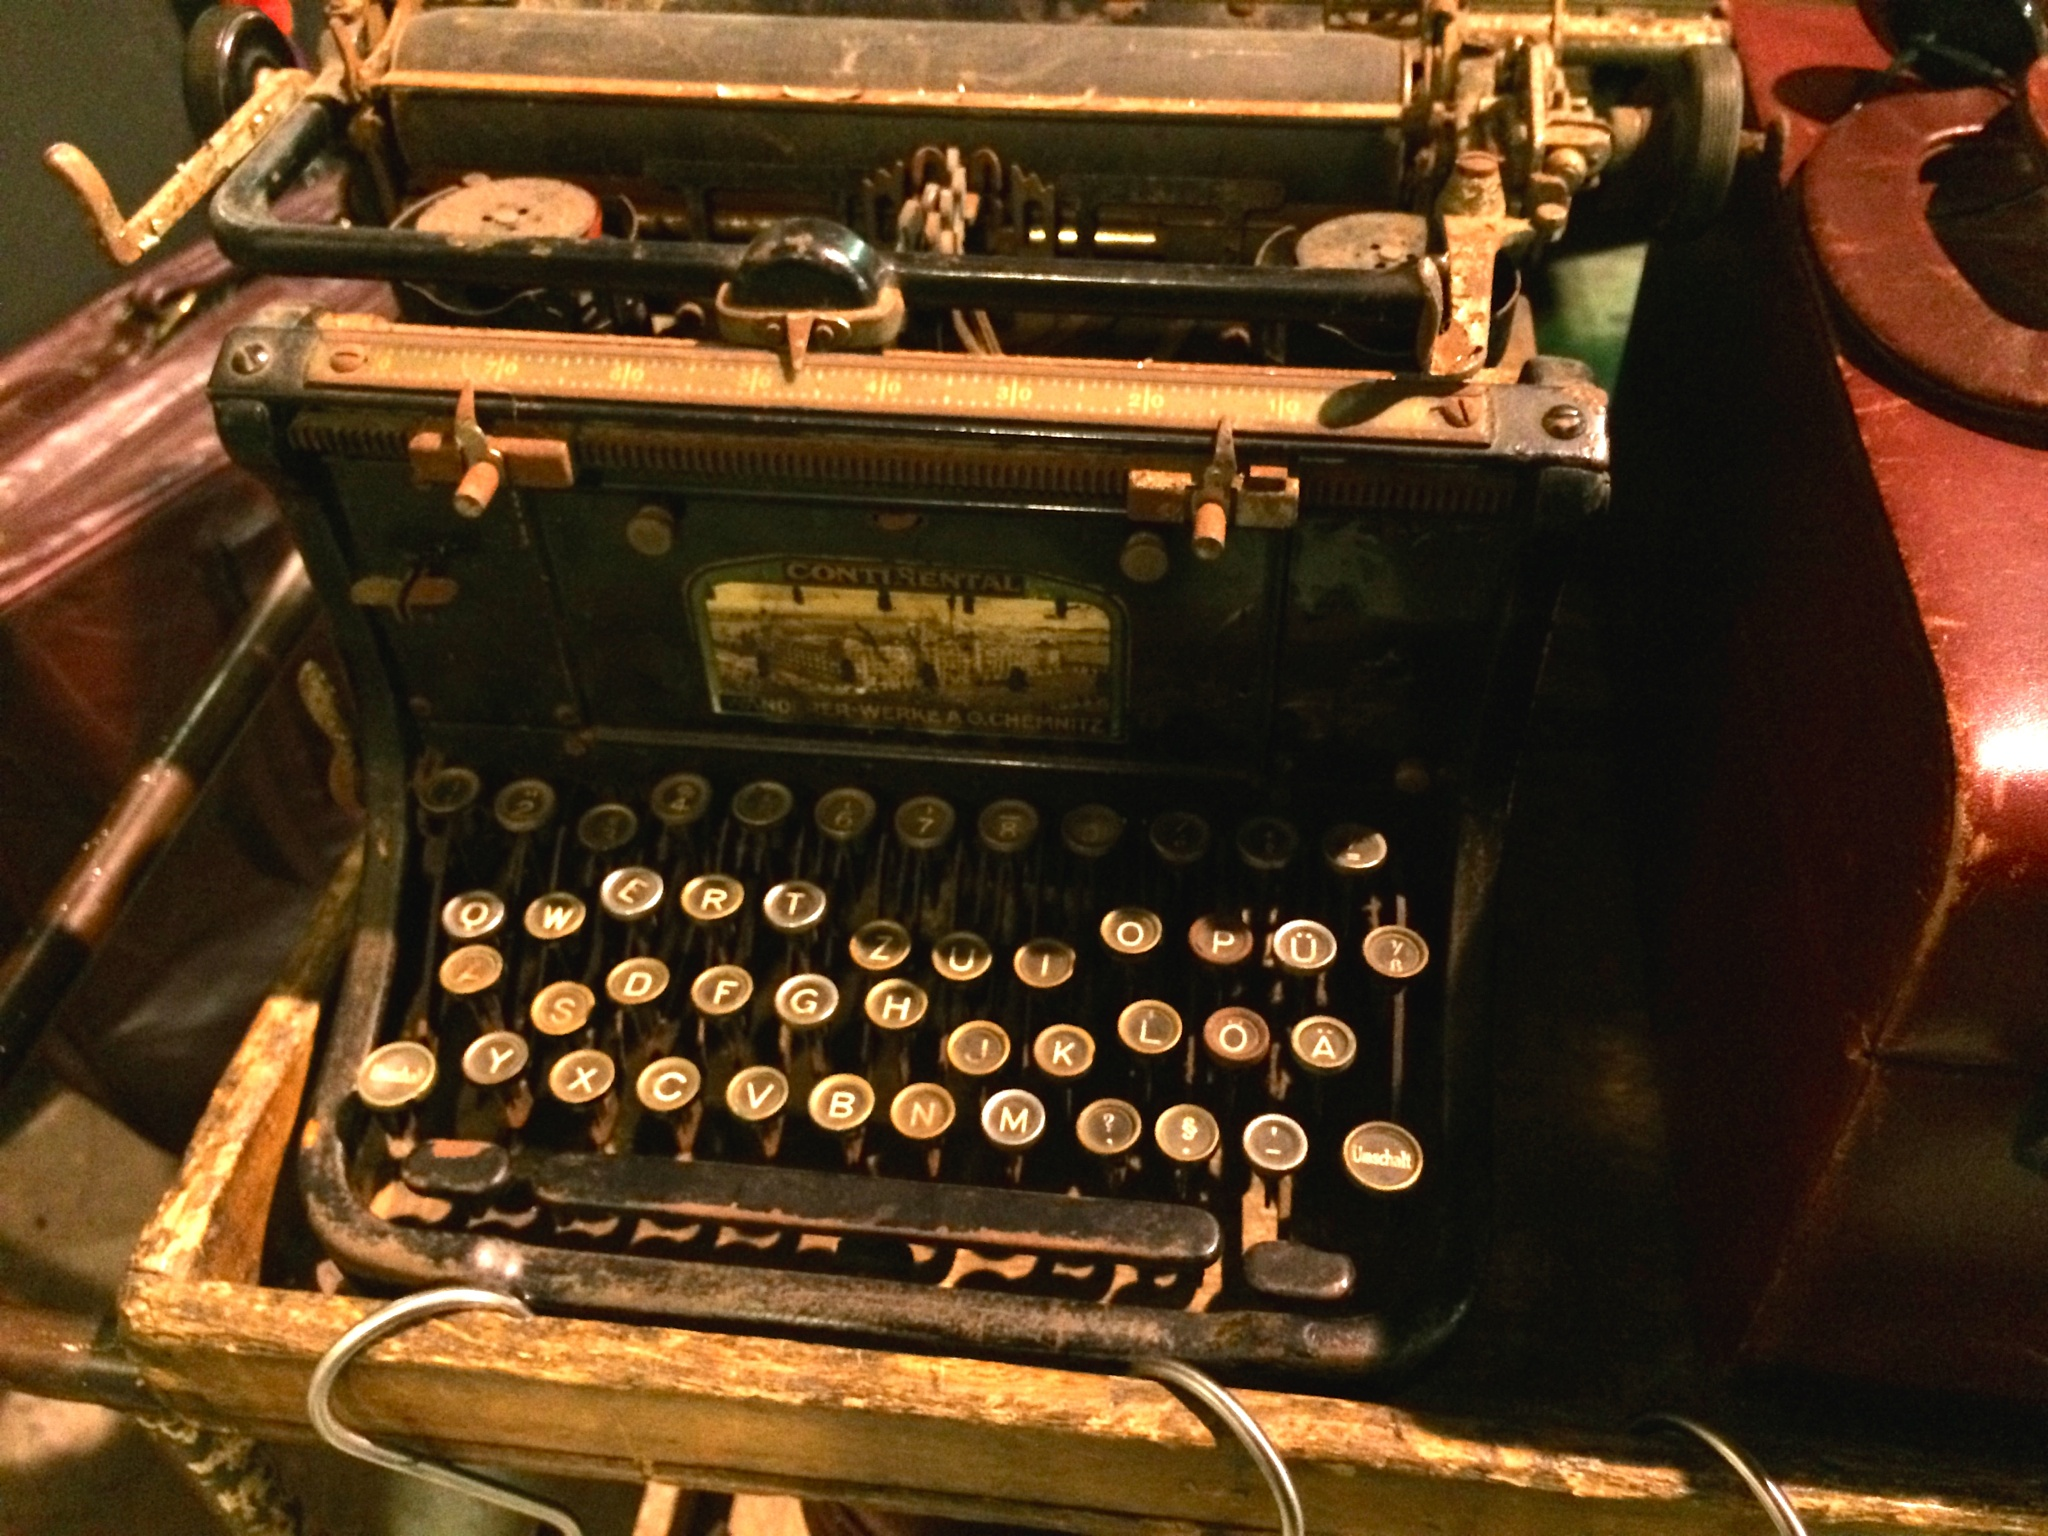 continental typewriter  by m.etemadieh